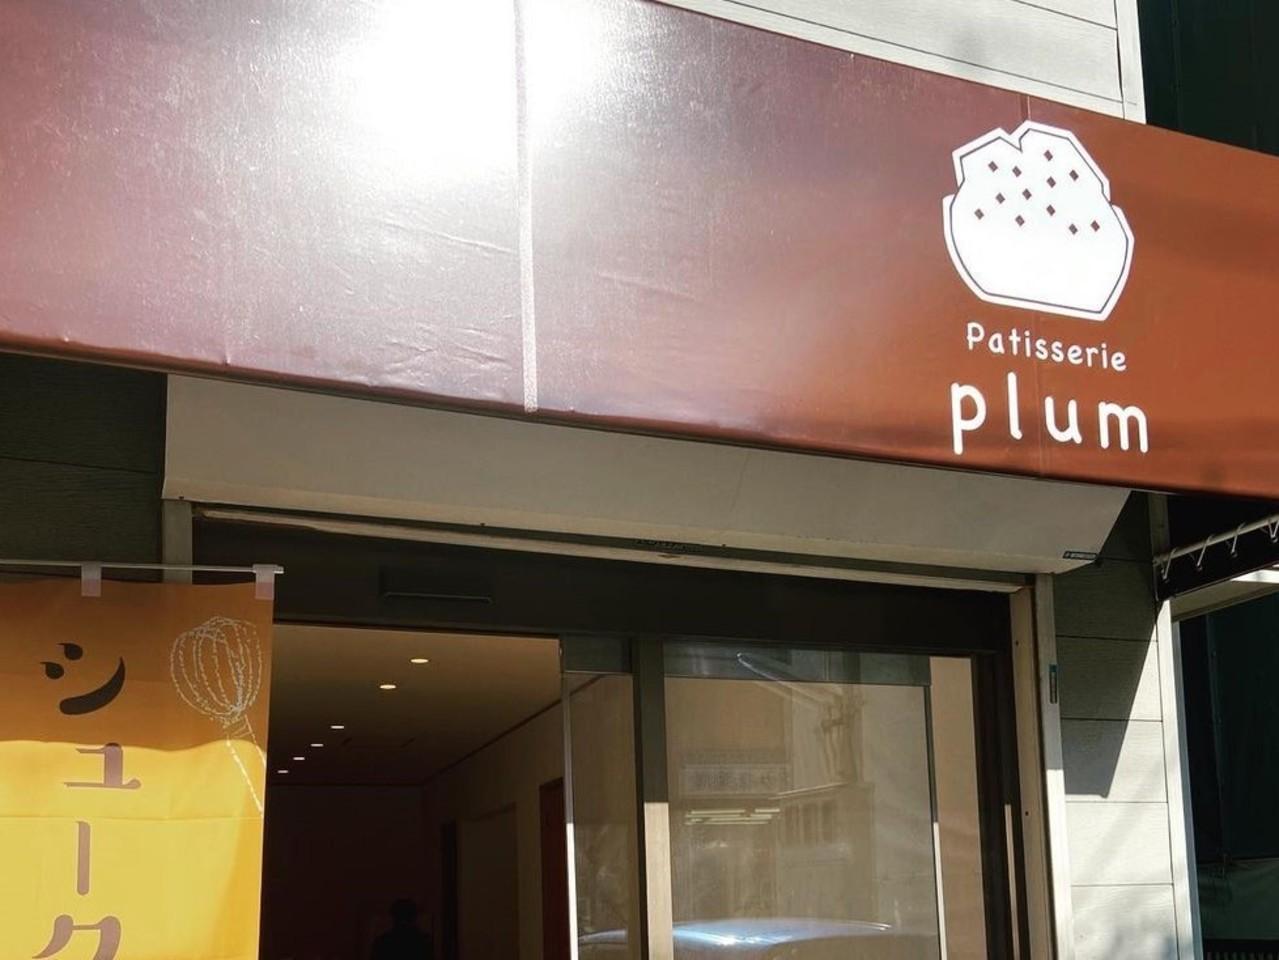 兵庫県明石市大明石町2丁目に「パティスリープラム」が1/18オープンされたようです。